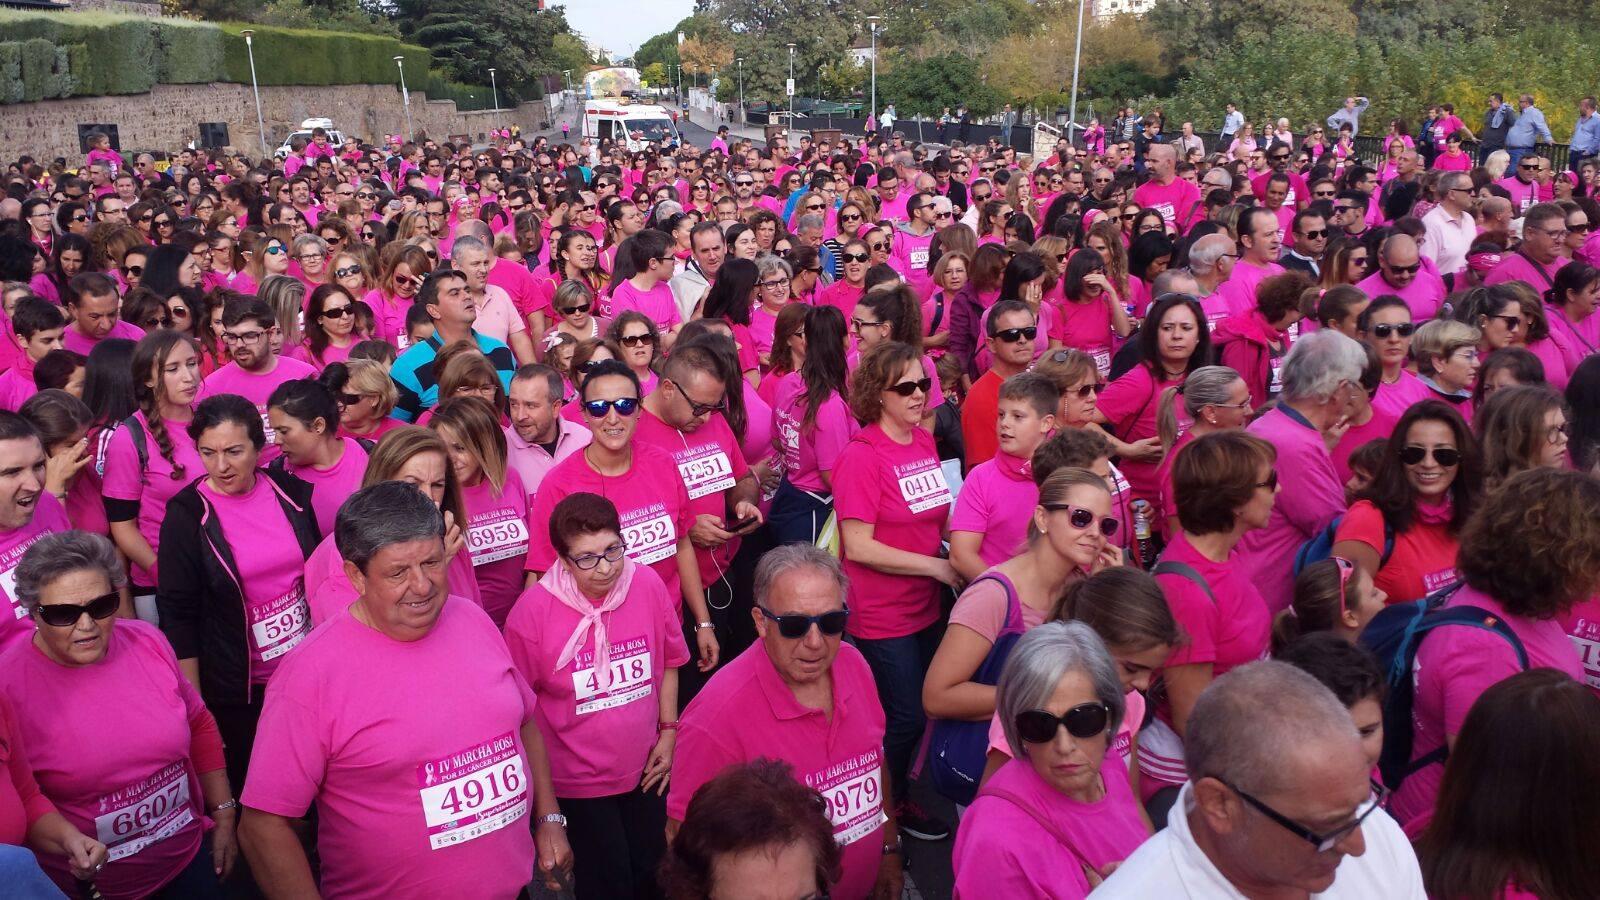 VI edición de la Marcha Rosa